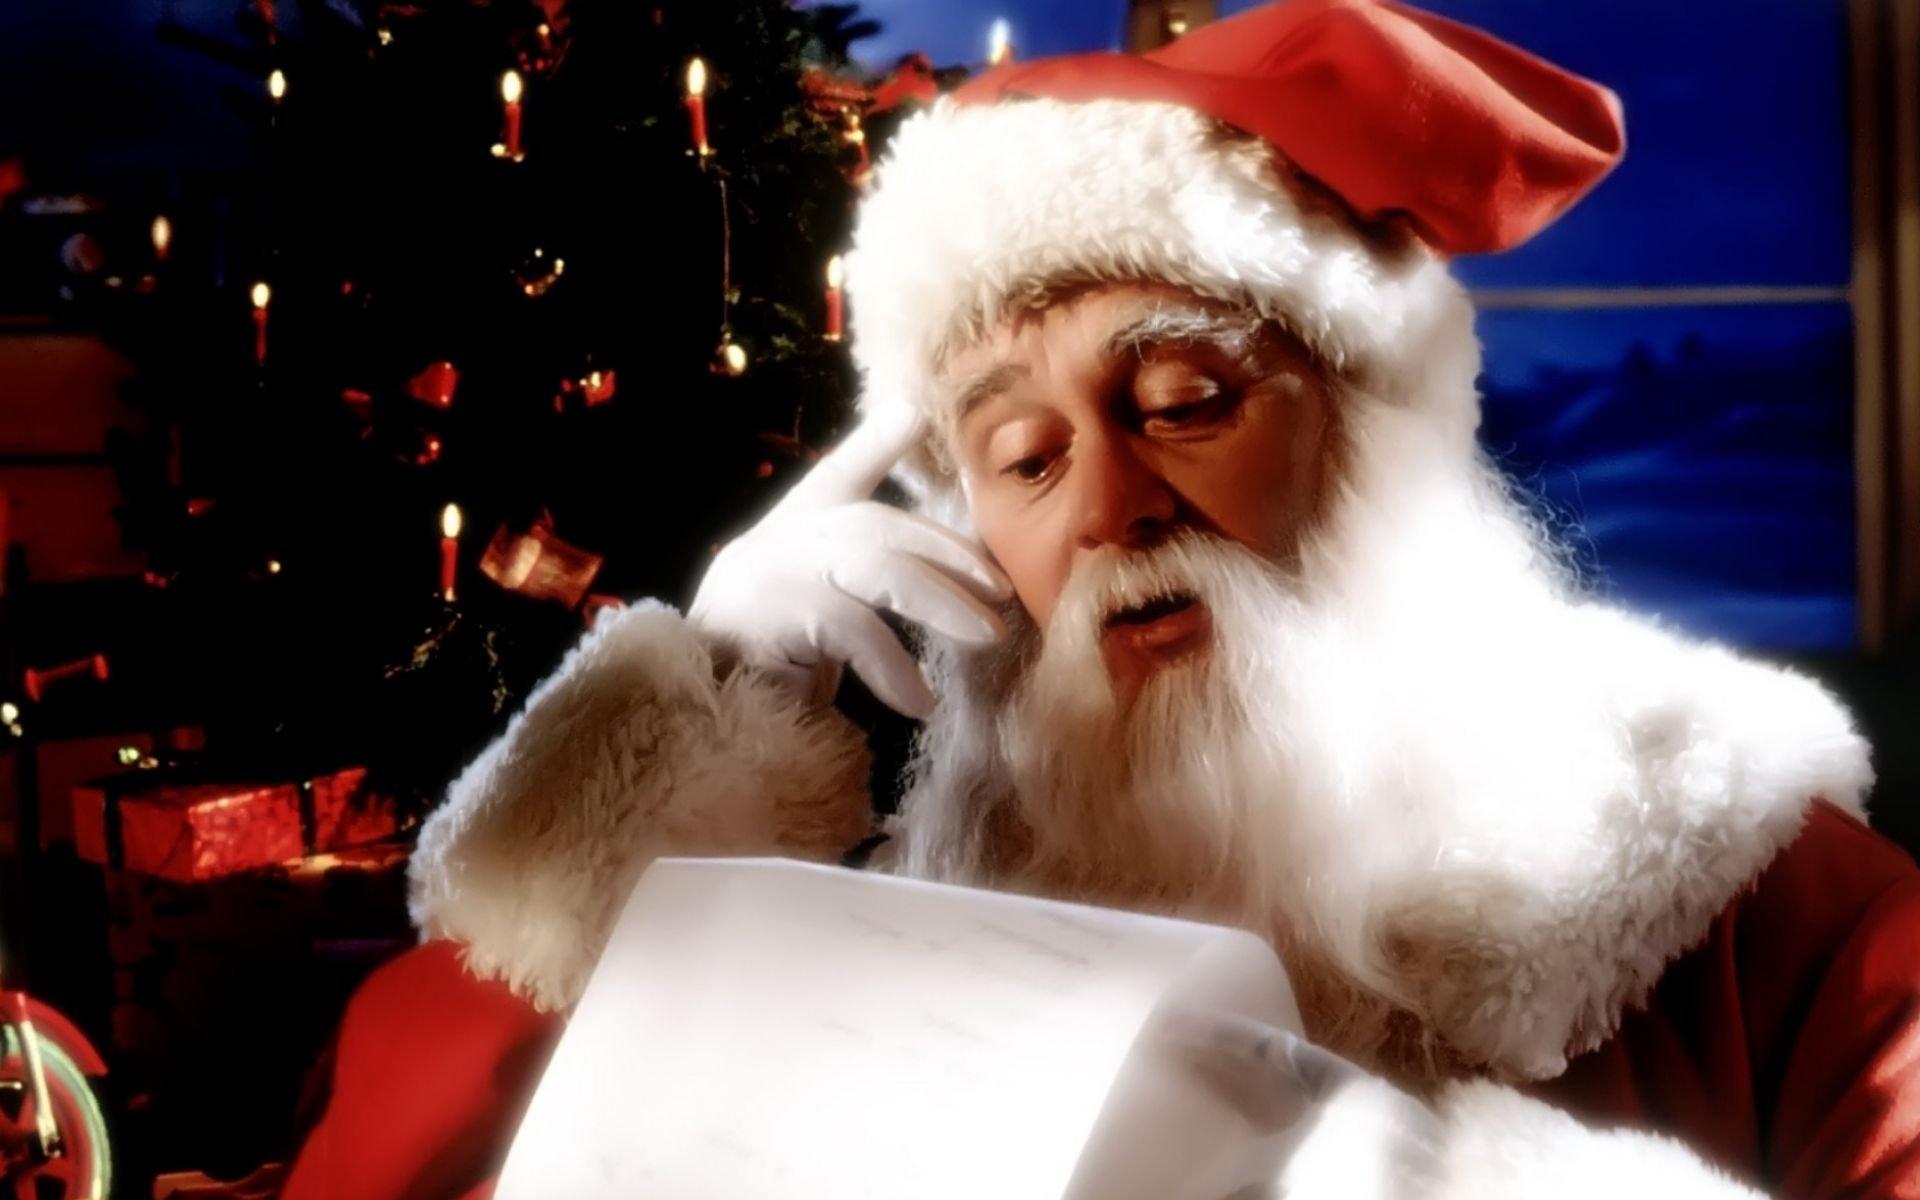 Соцсети шокированы депрессивным письмом 6-летнего ребенка Санта-Клаусу— Онвырастет маньяком